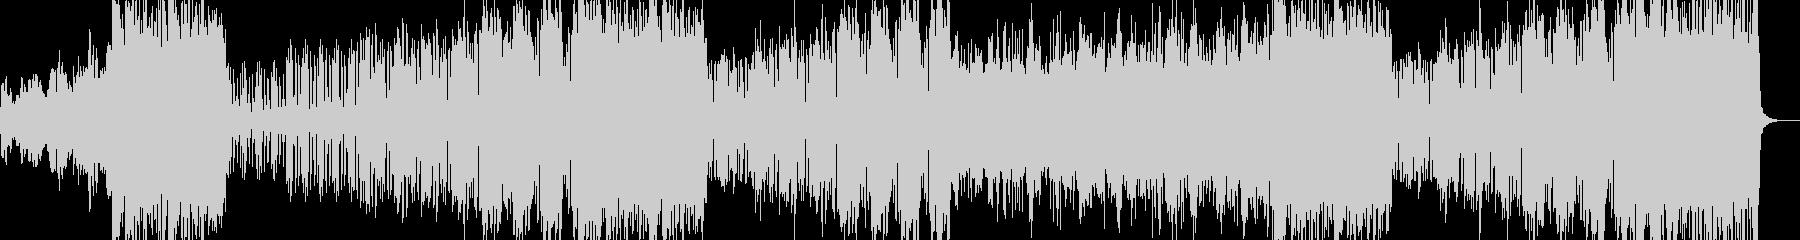 9拍子のオーケストラ風プログレの未再生の波形